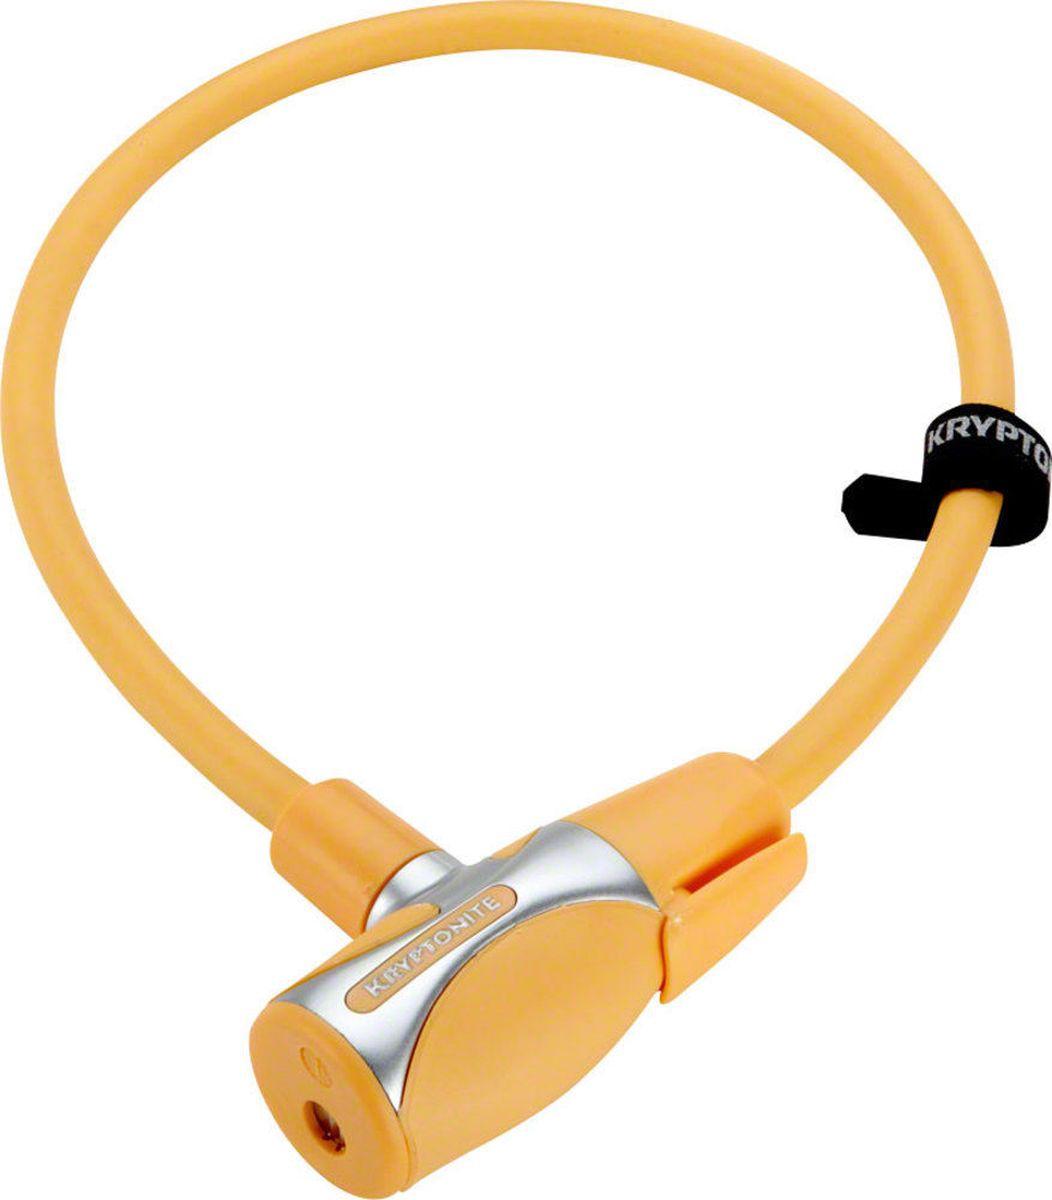 Замок велосипедный Kryptonite Cables KryptoFlex 1265, цвет: оранжевый